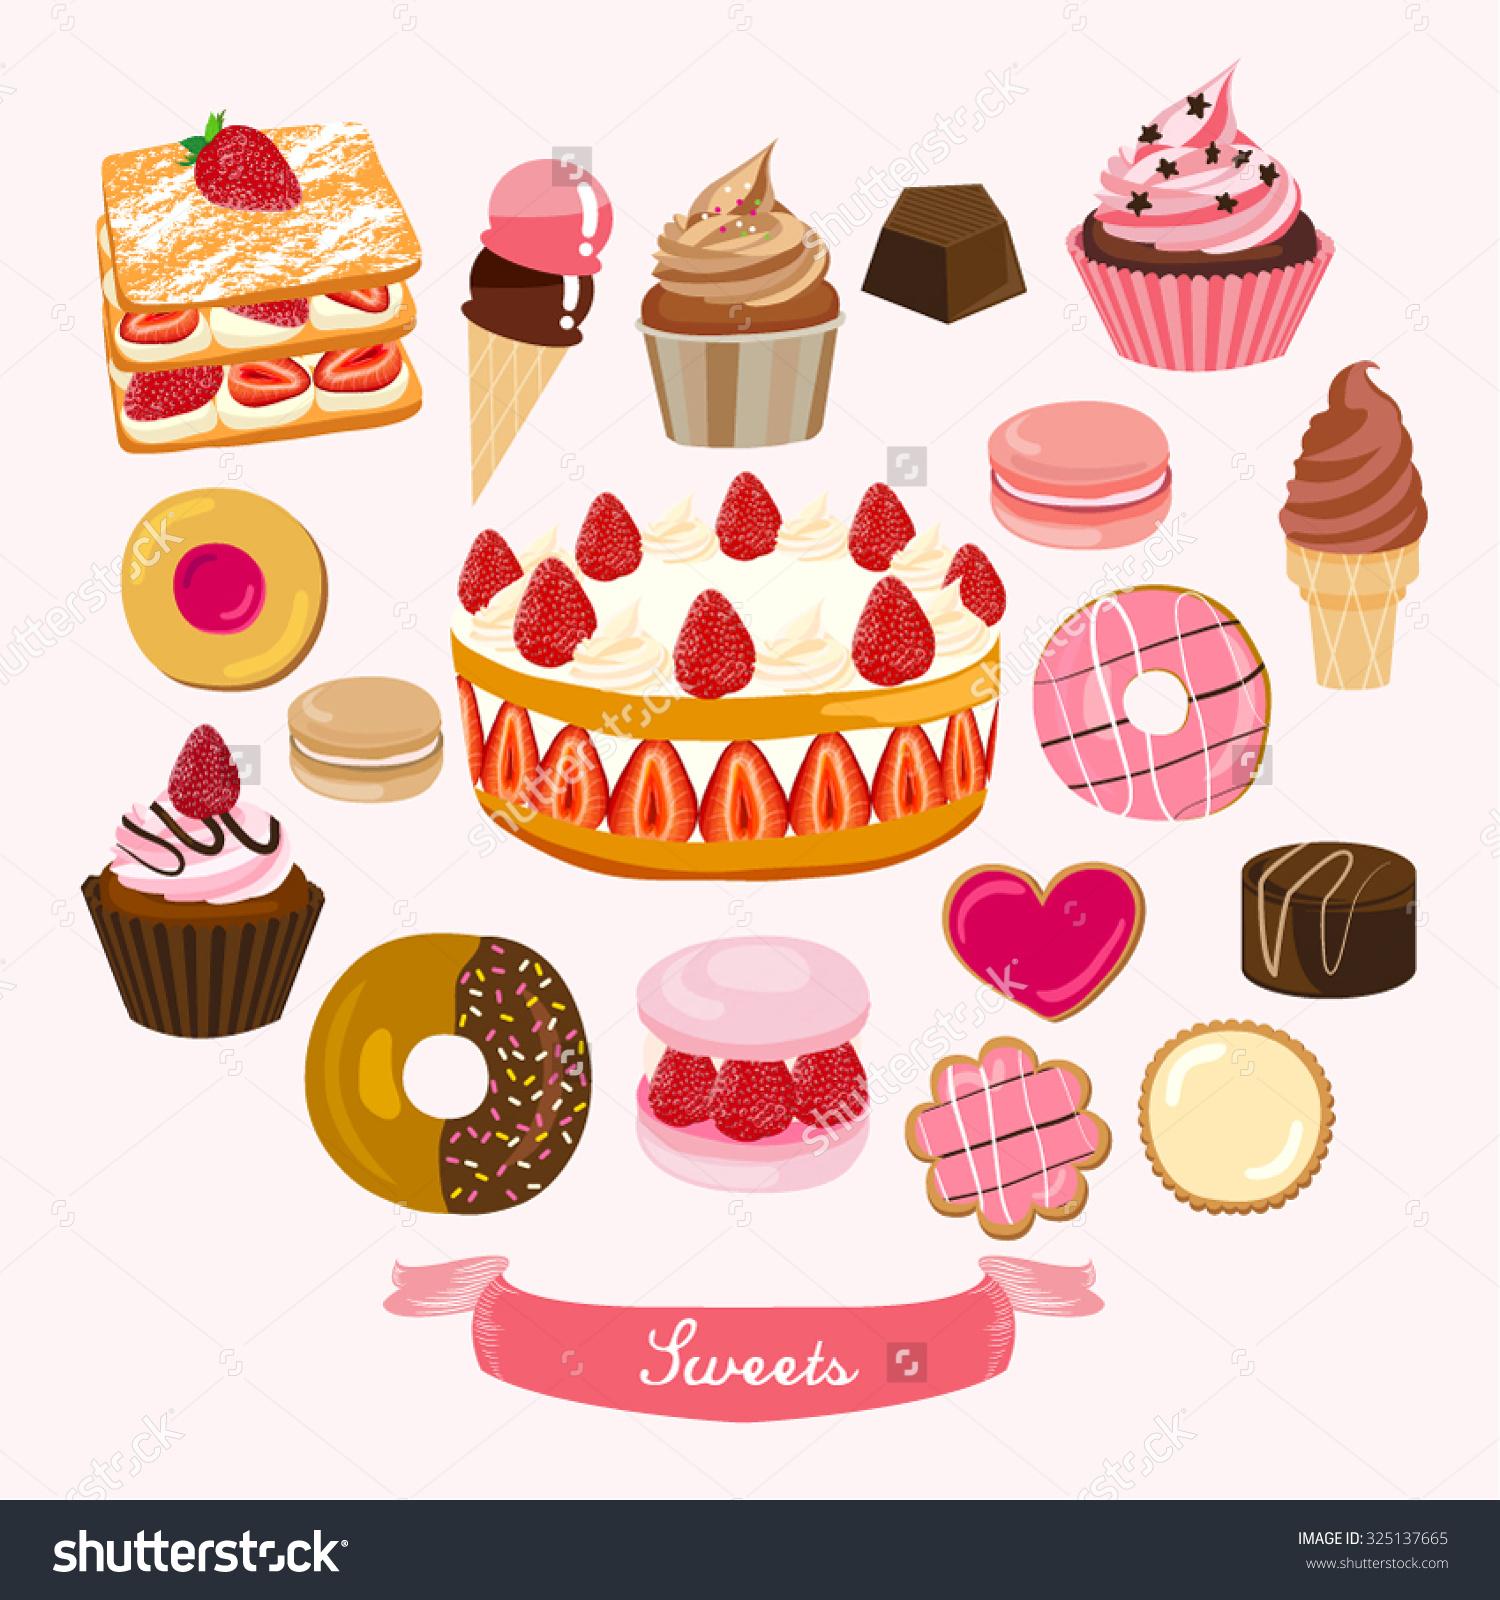 Baking dessert vector explore. Baked goods clipart border